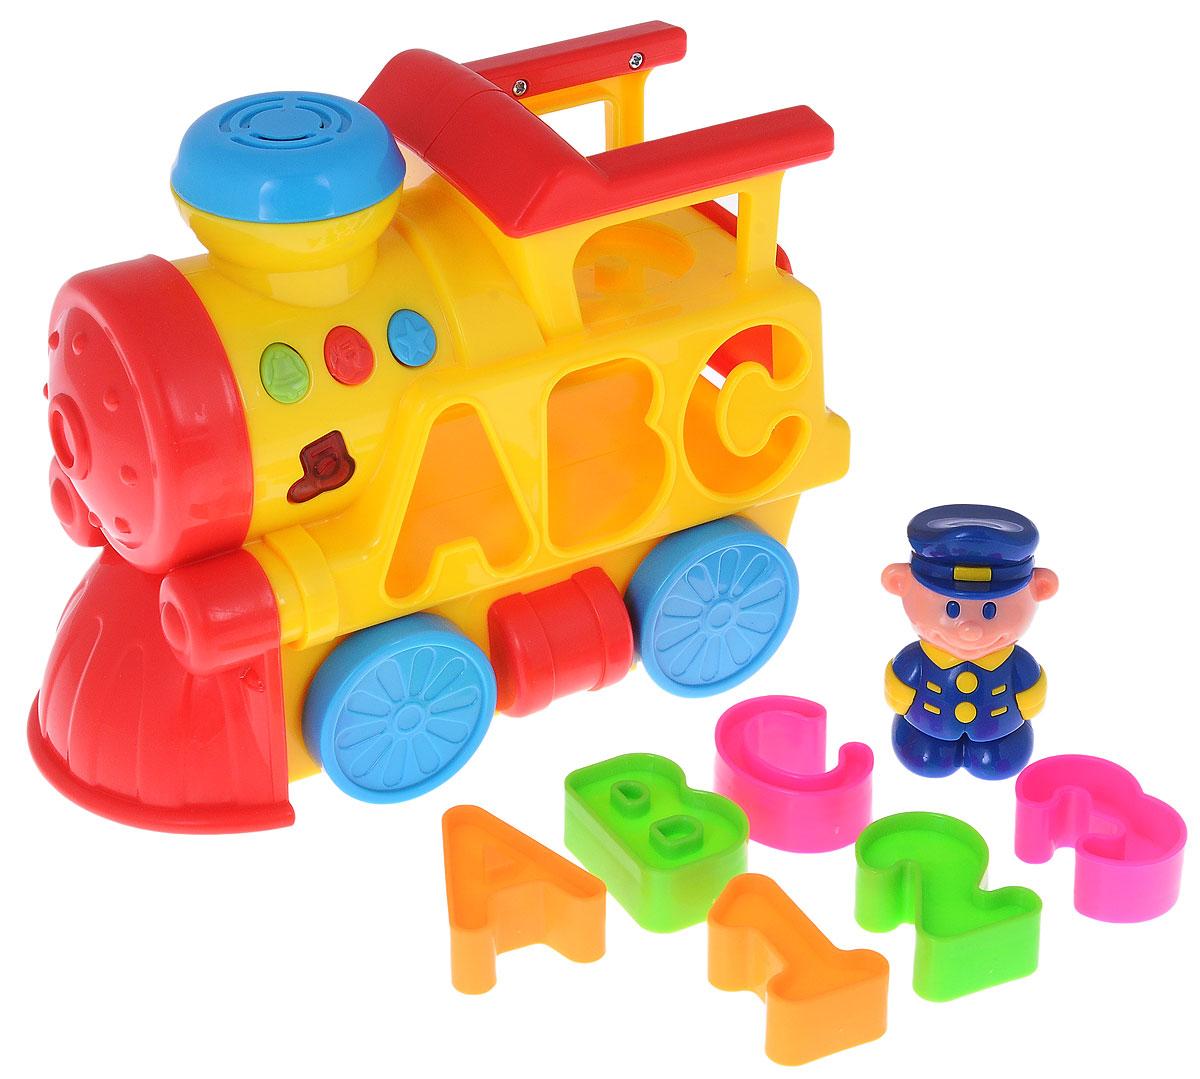 Navystar Музыкальный сортер Паровозик фигурки игрушки prostotoys пупсень серия лунтик и его друзья